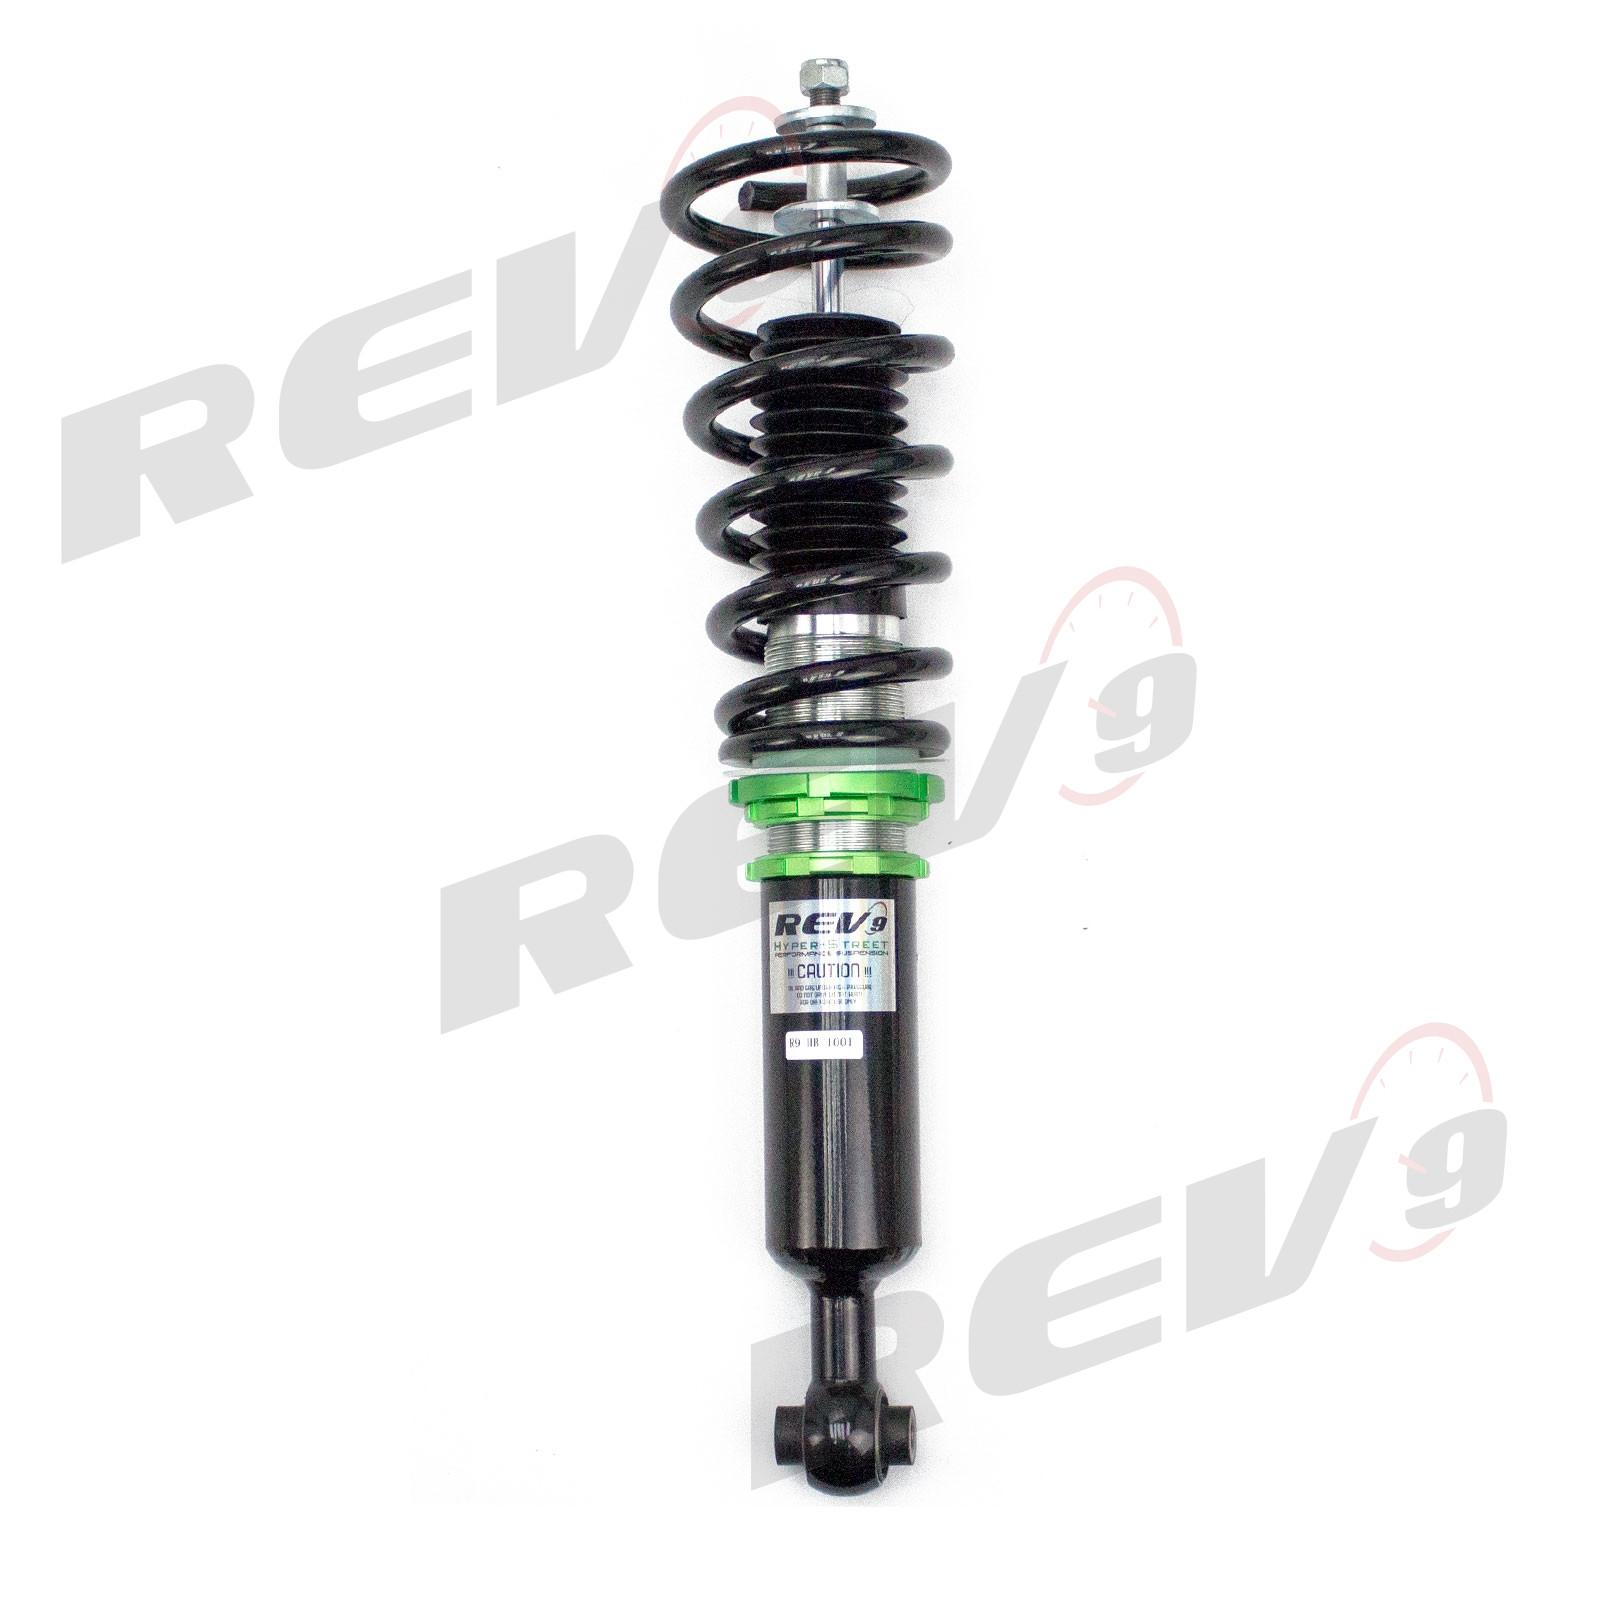 Rev9power Hyper Street Basics Coilover Set For Honda Accord 98 99 00 01 02